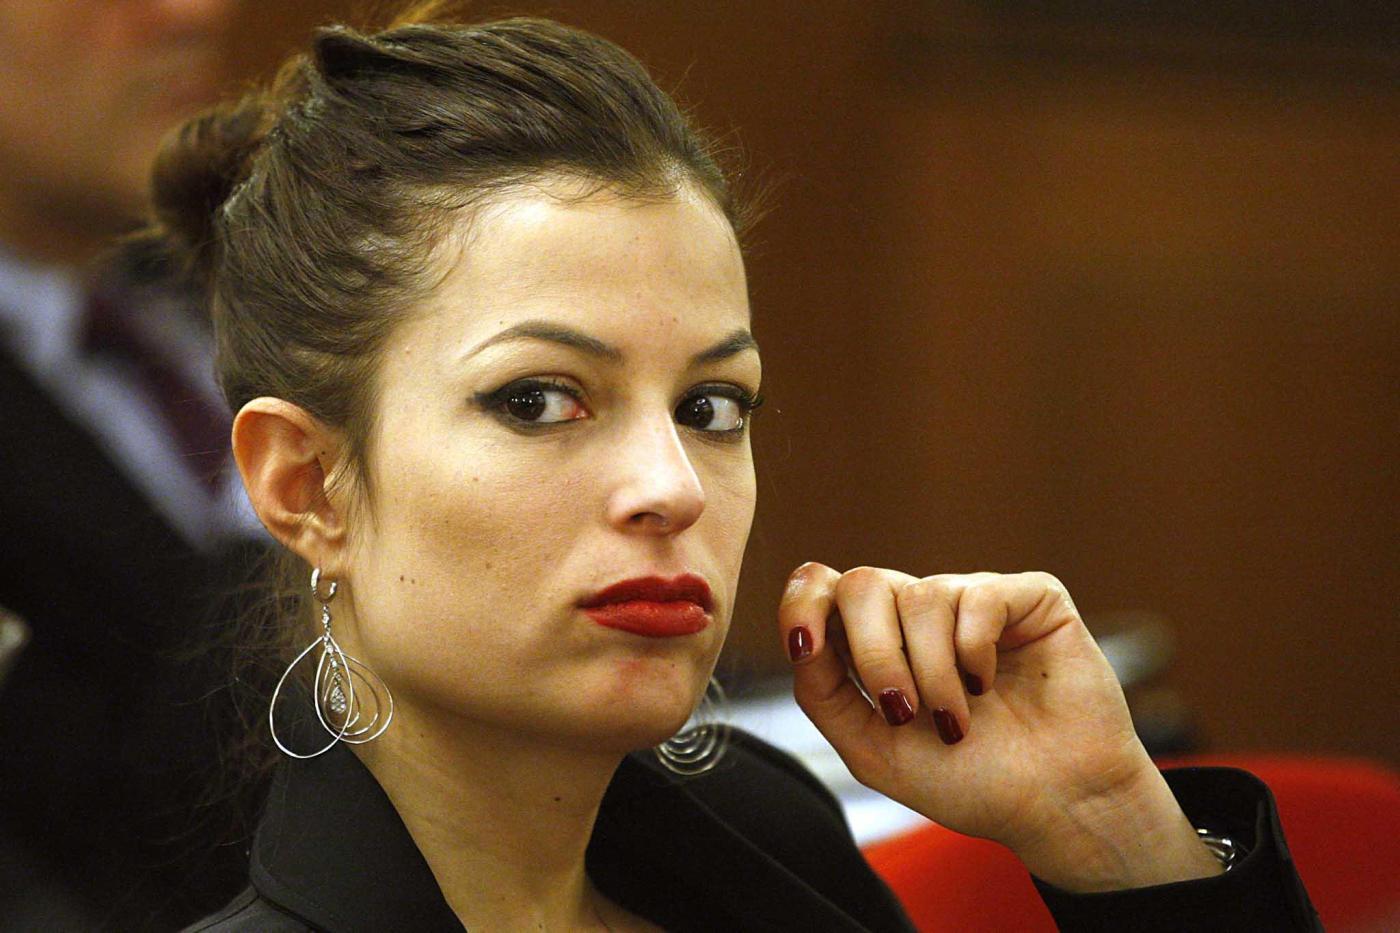 Sara Tommasi e Andrea Diprè sposi? La showgirl annulla il matrimonio: 'Sono stata sfruttata'